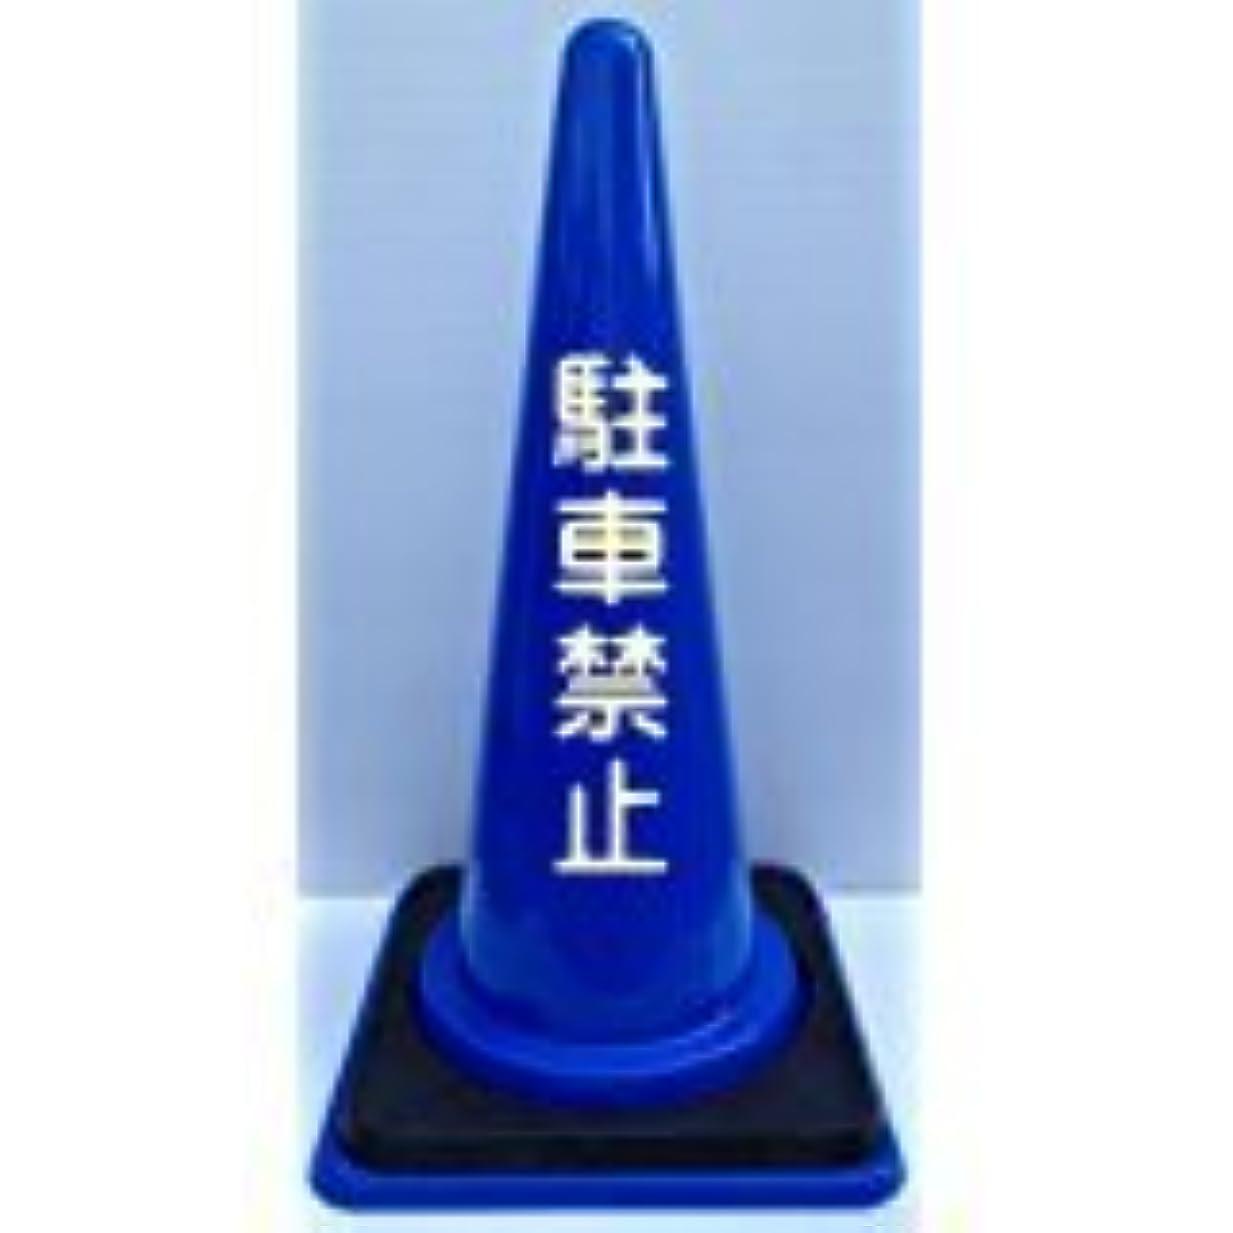 投資浸食チューインガム駐車禁止 フレックスコーン コーンベット付 8本セット (青)